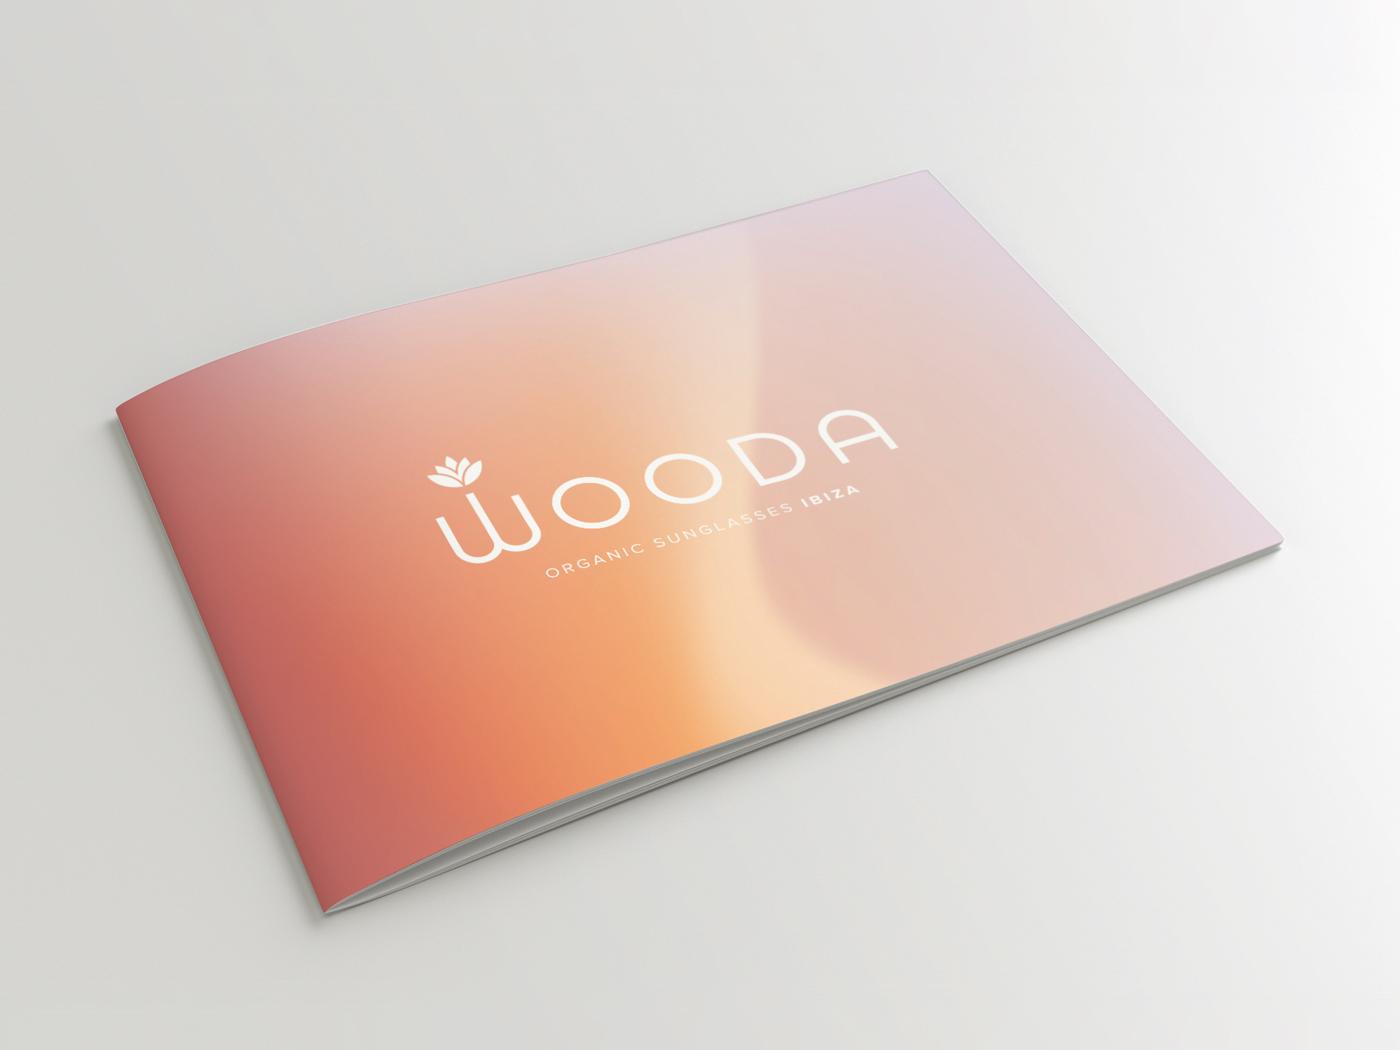 Wooda Ibiza portada catalogo